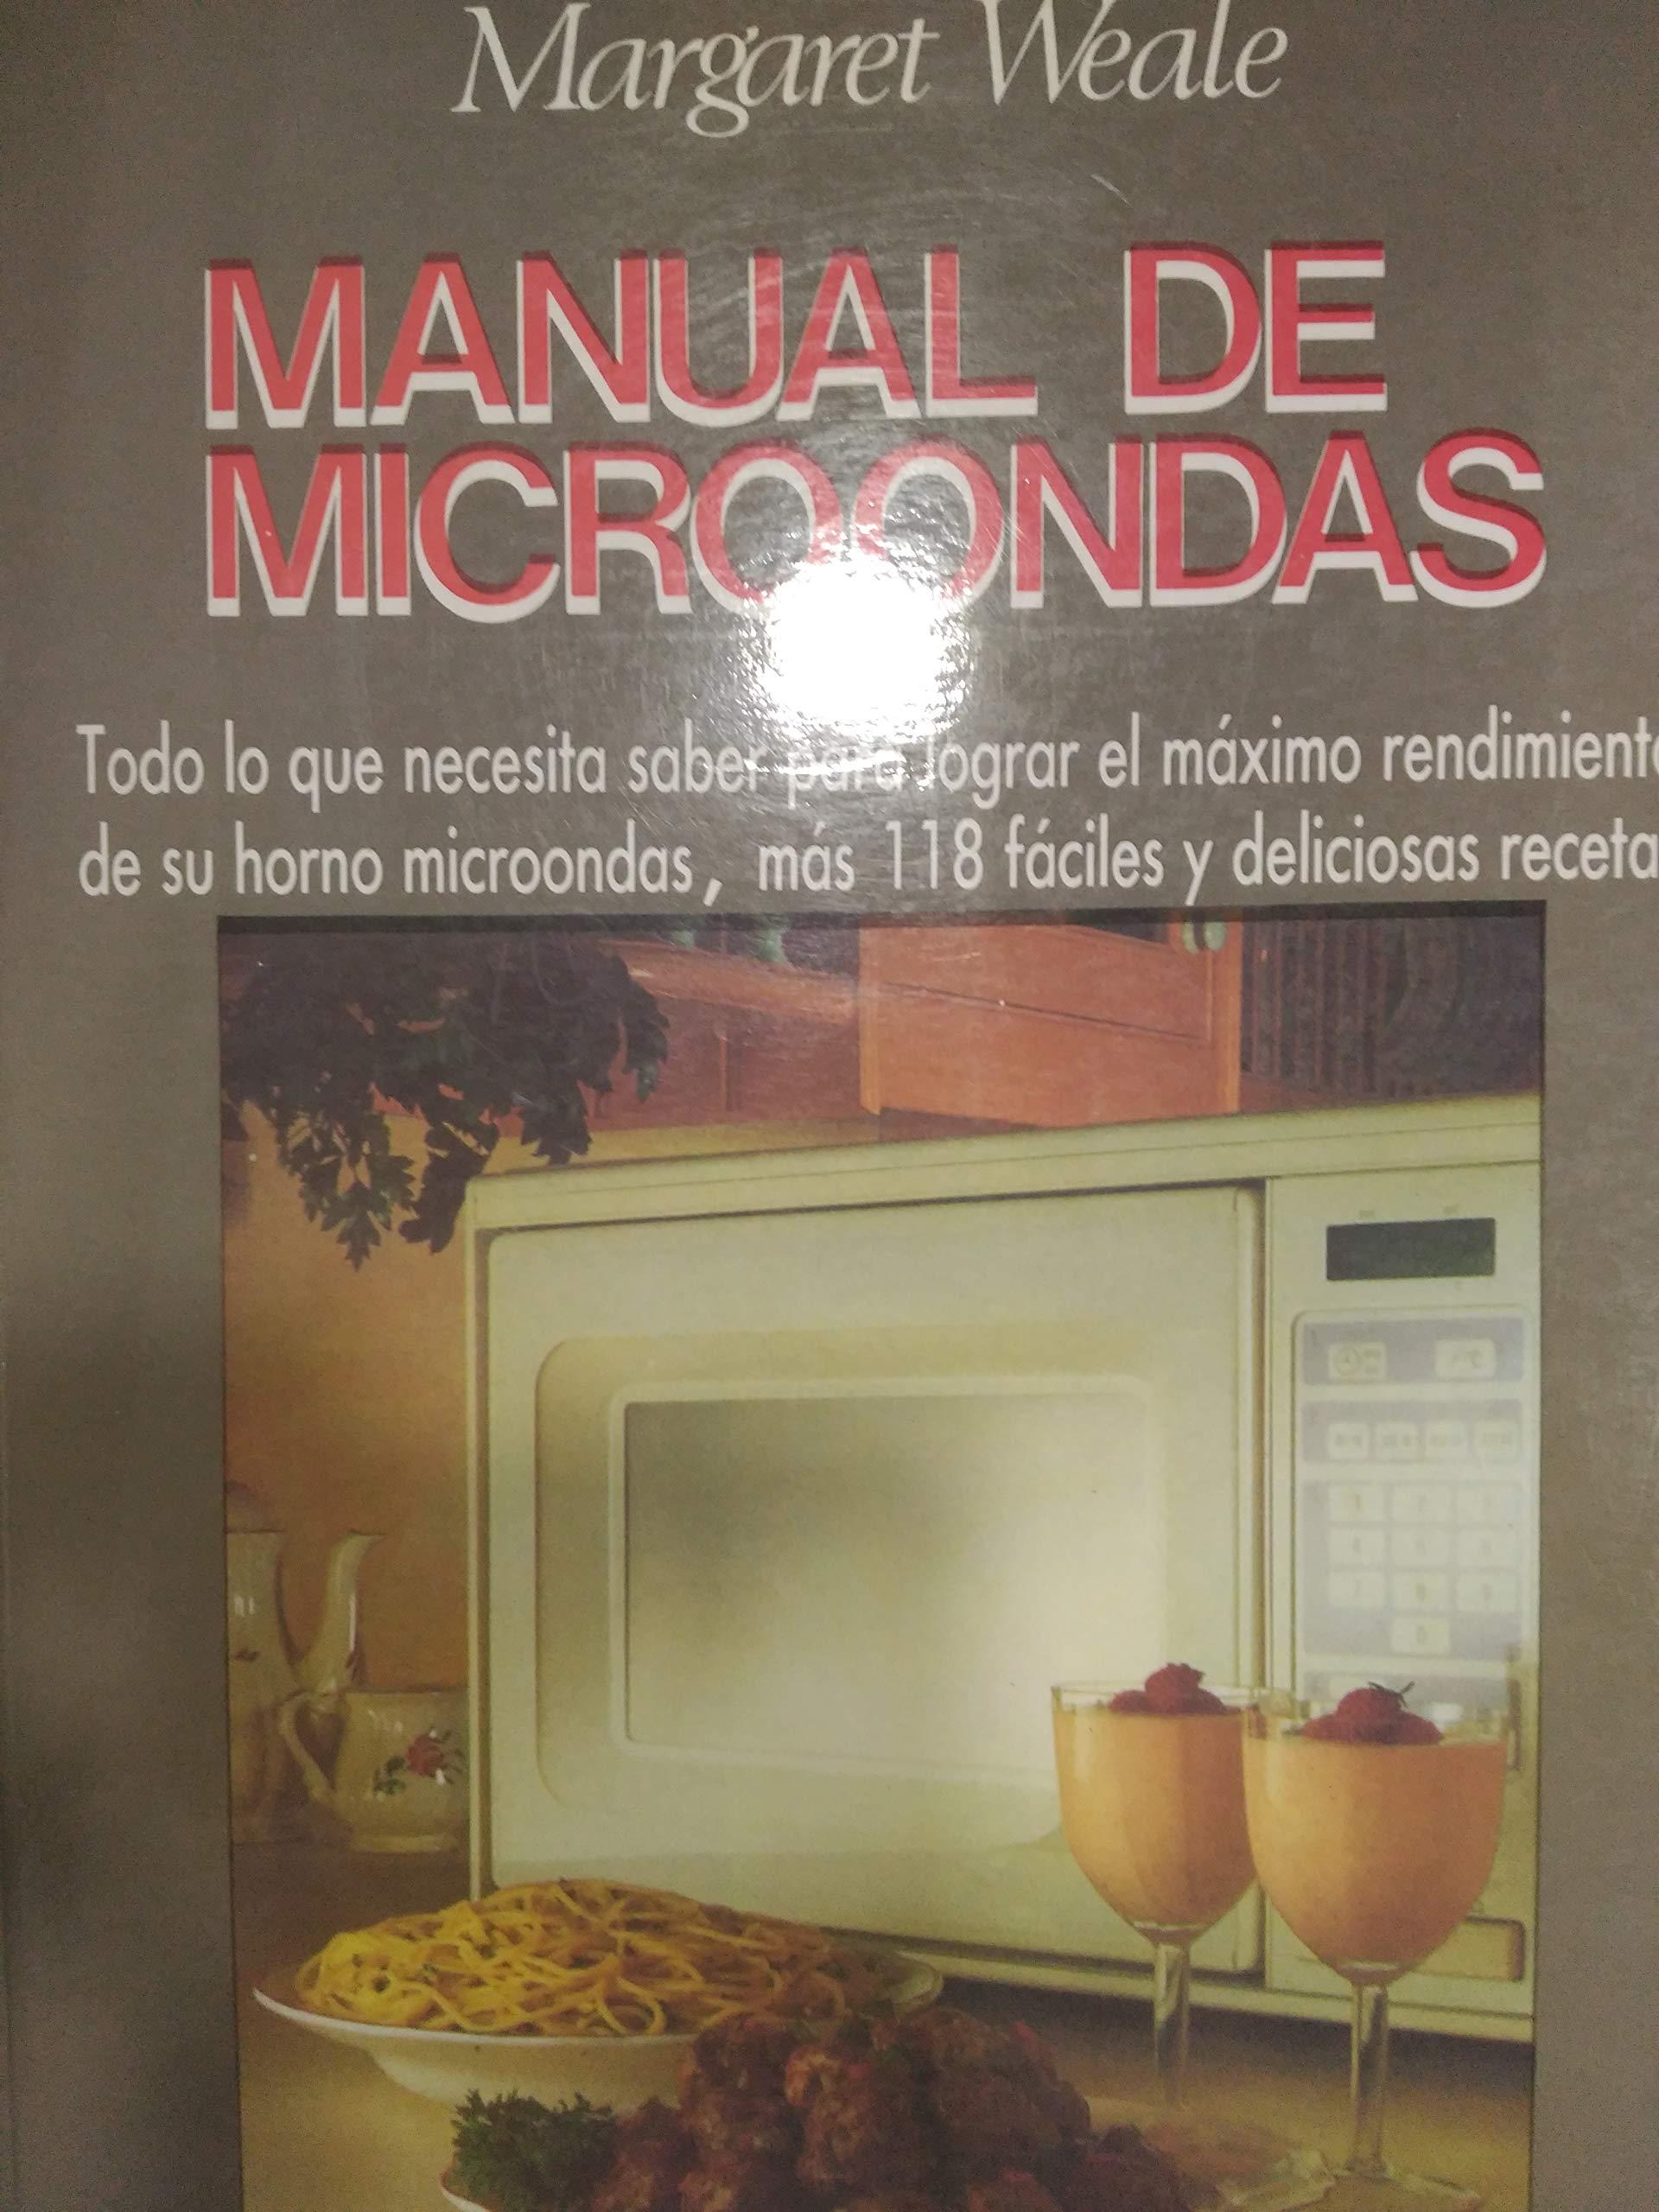 Manual De Microondas: Amazon.es: Margaret Weale: Libros en idiomas ...